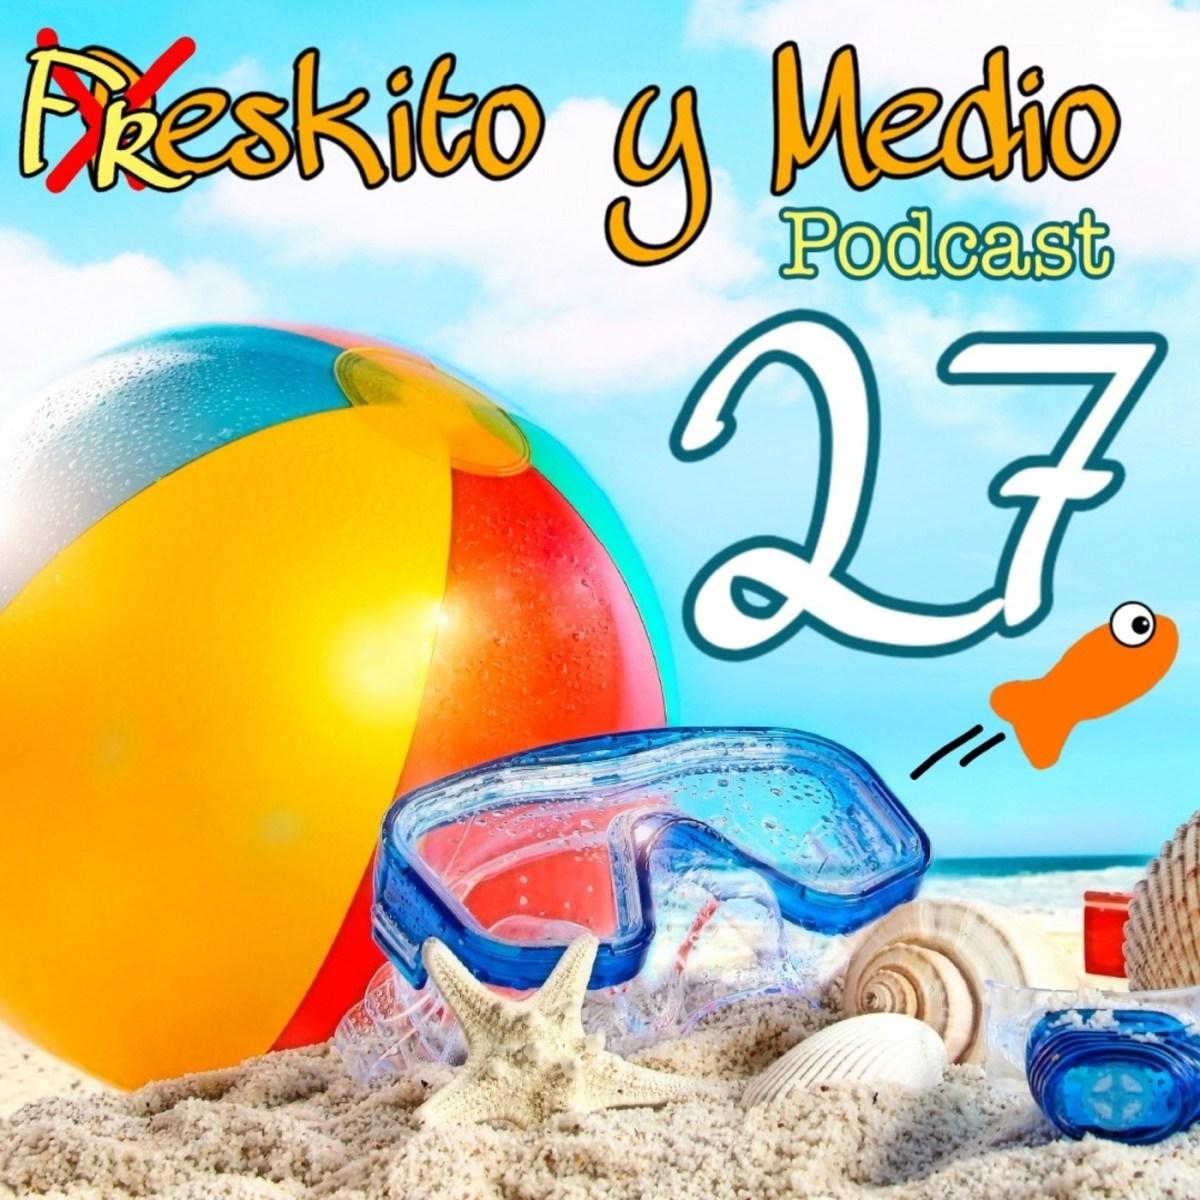 PYM 27. Alecrombie dime tú | Freskito y Medio